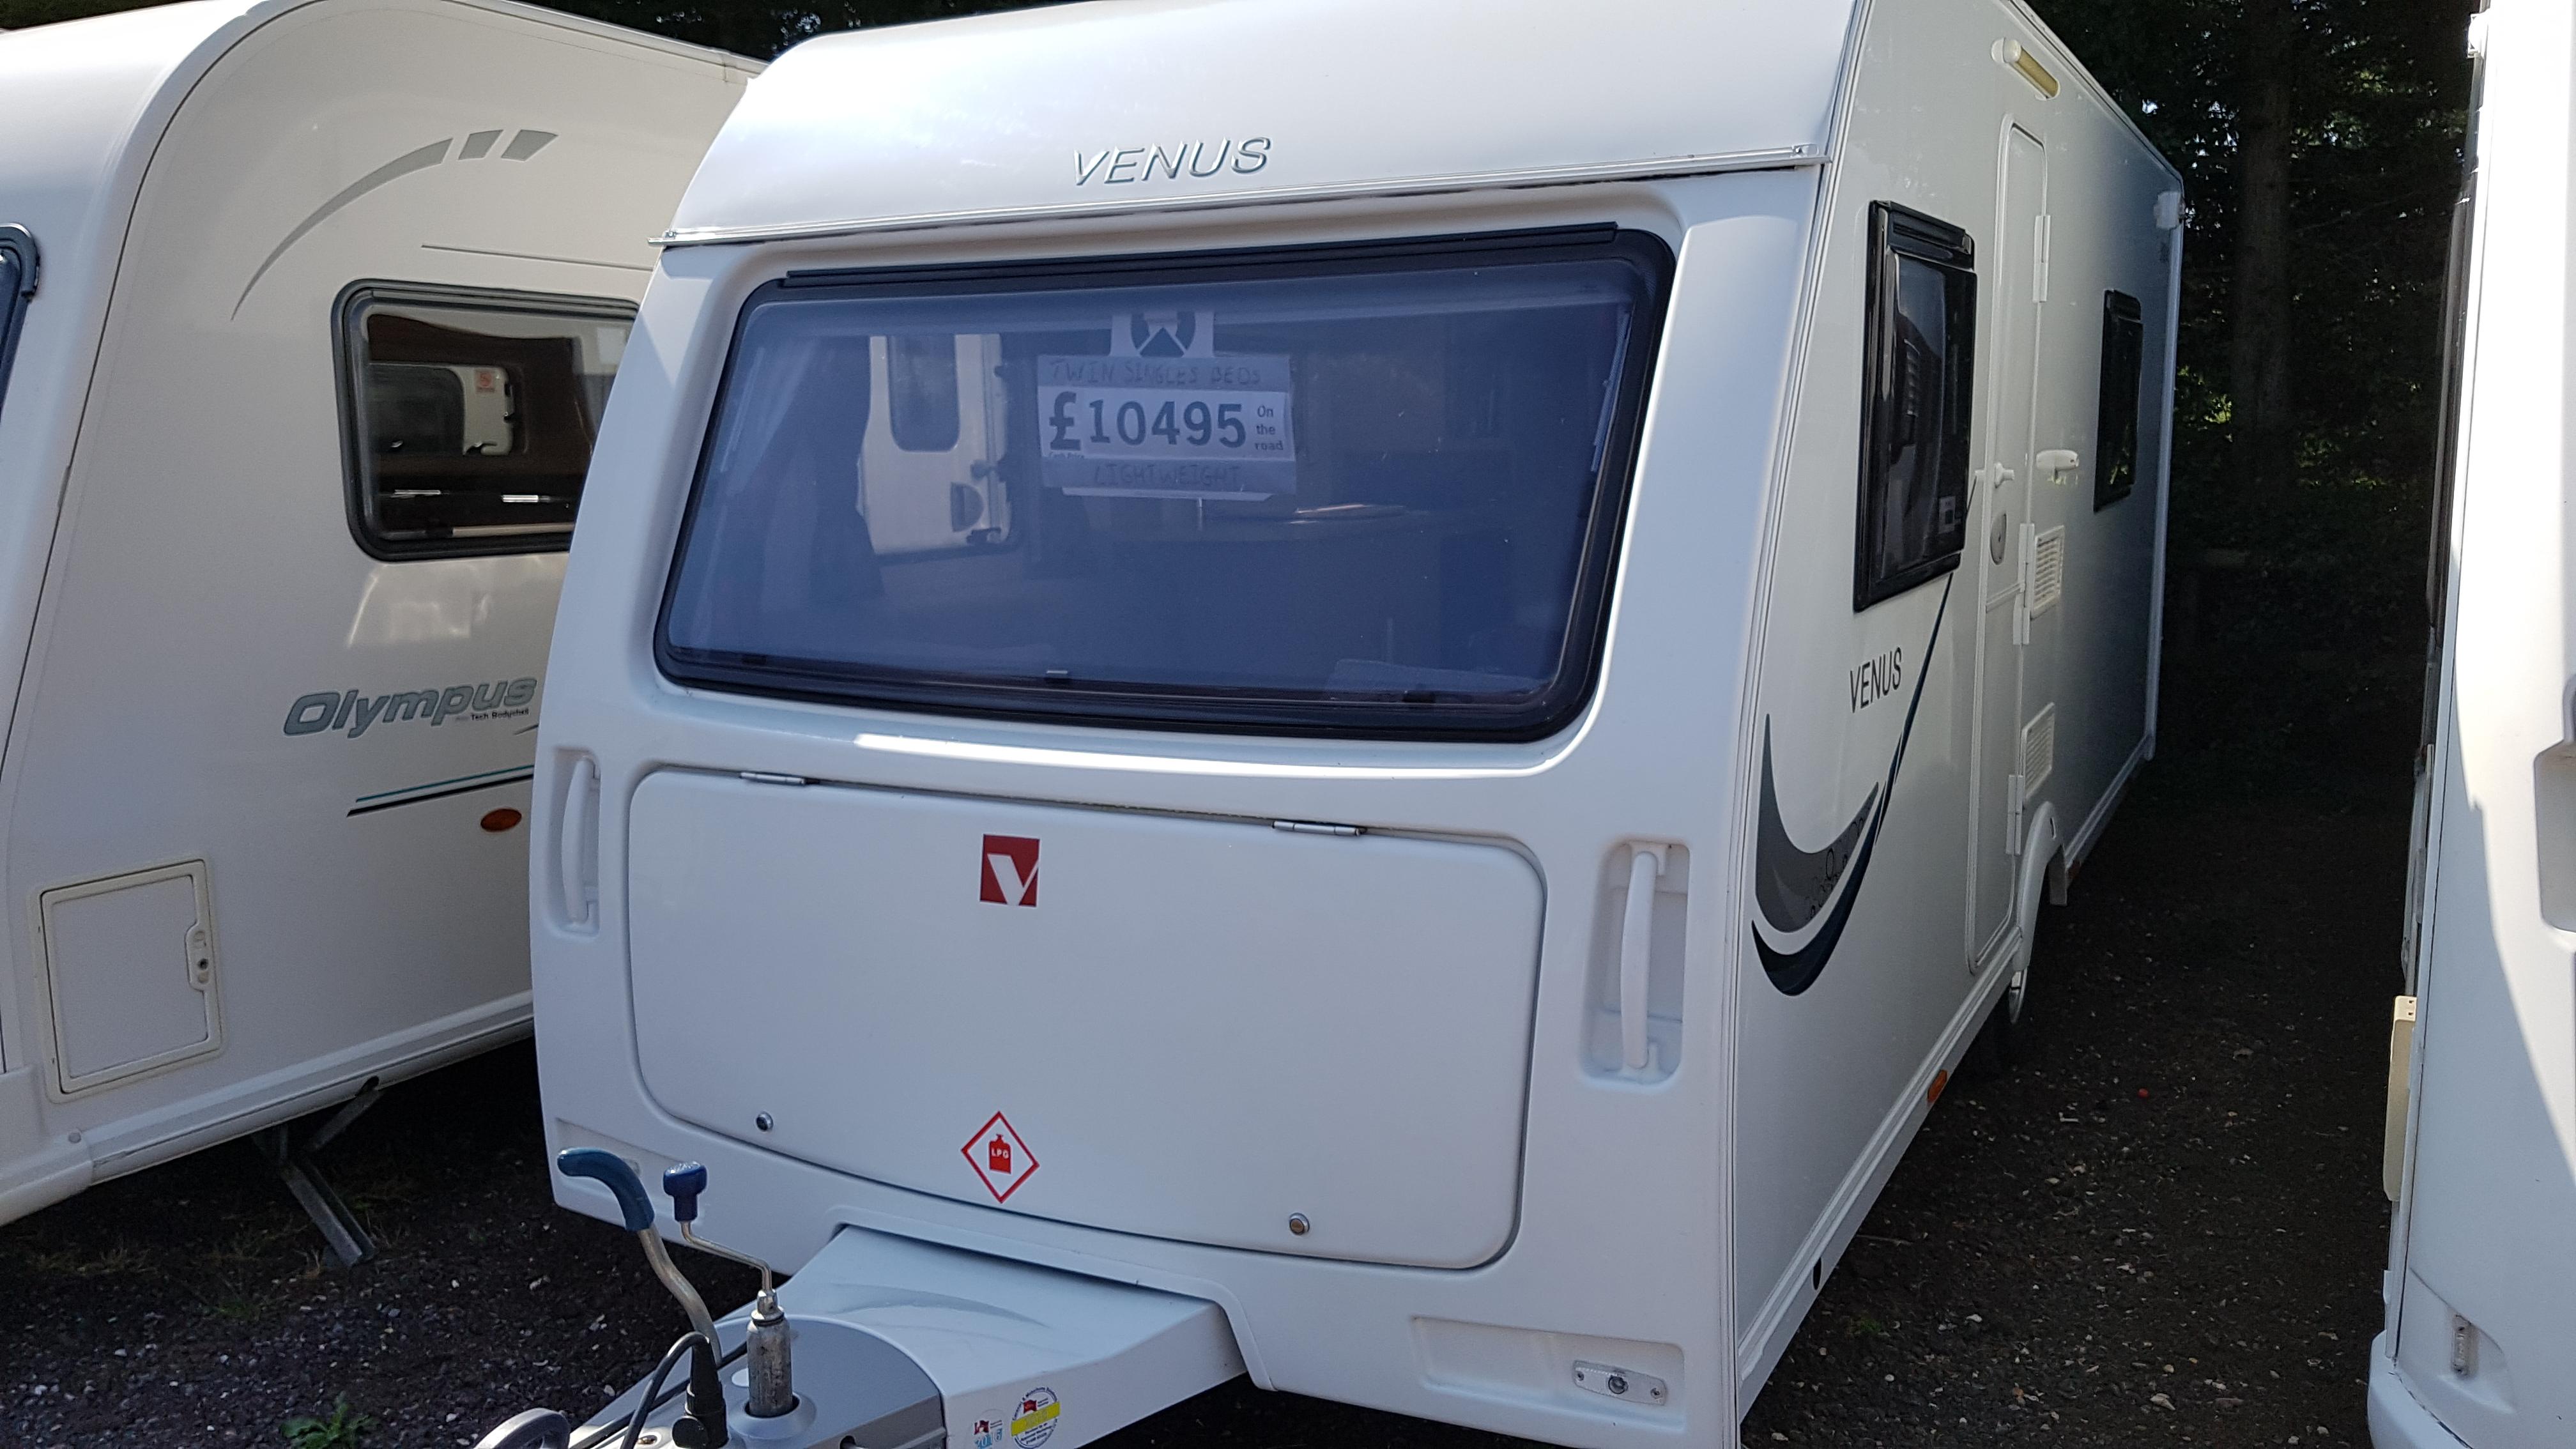 2014 Lunar Venus 500-4 4 Berth FIXED SINGLE BEDS Caravan Lightweight 1350kgs